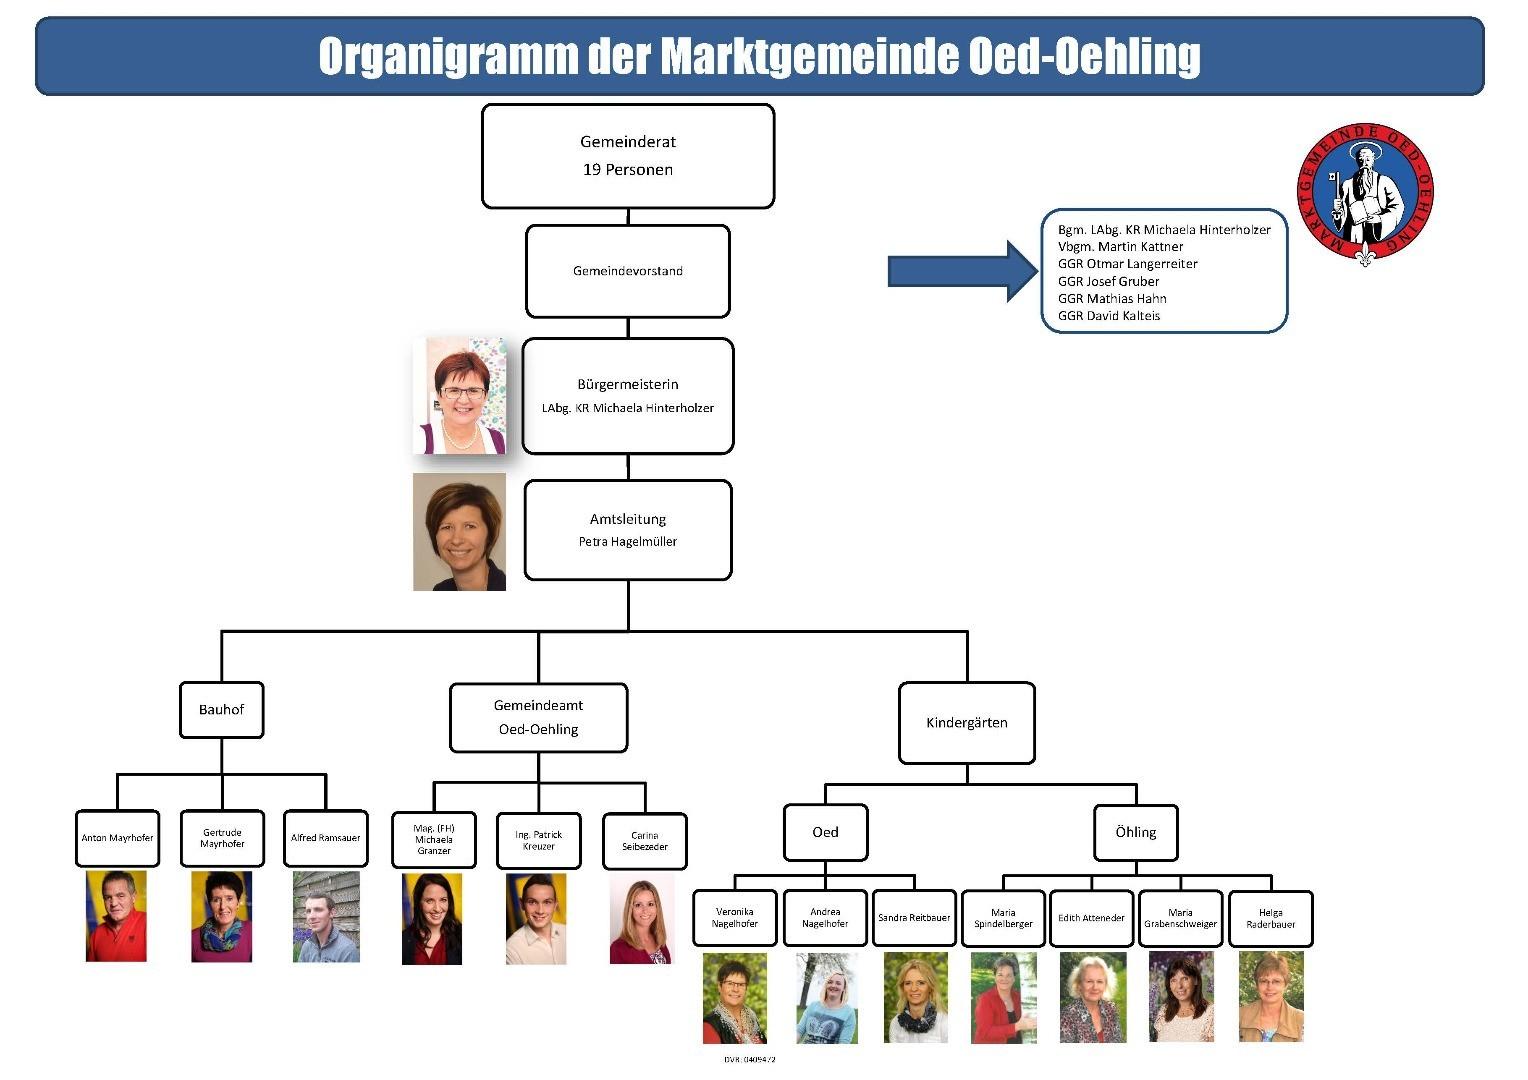 Organigramm Gemeinde_Oed-Oehling_neu_mit_Fotos.jpg